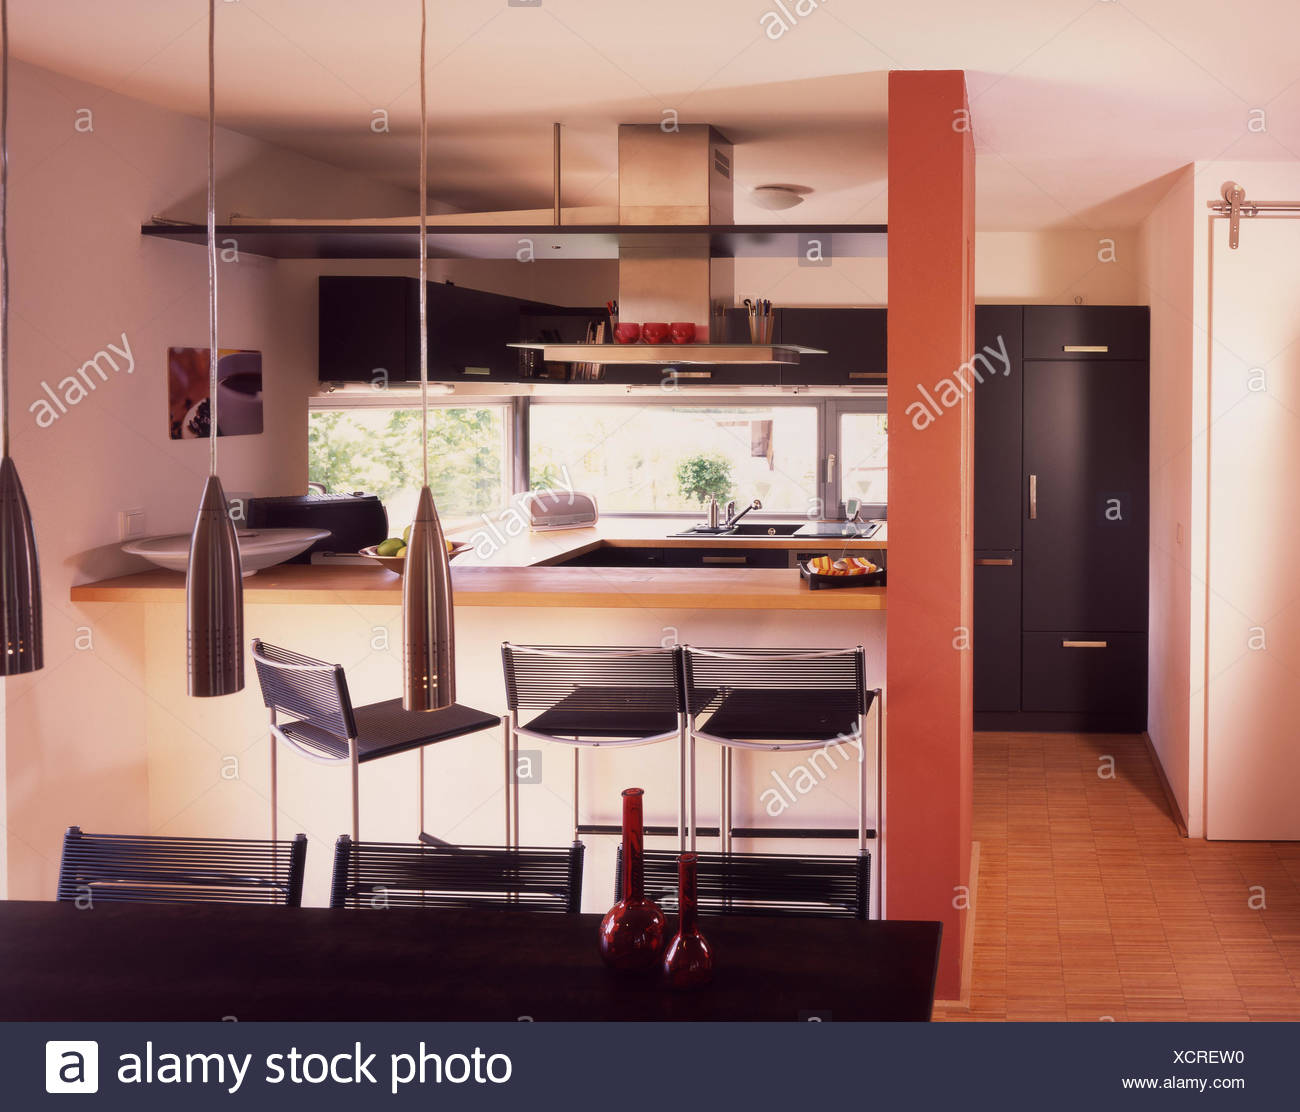 Schön Küche Setup Design Ideen - Ideen Für Die Küche Dekoration ...